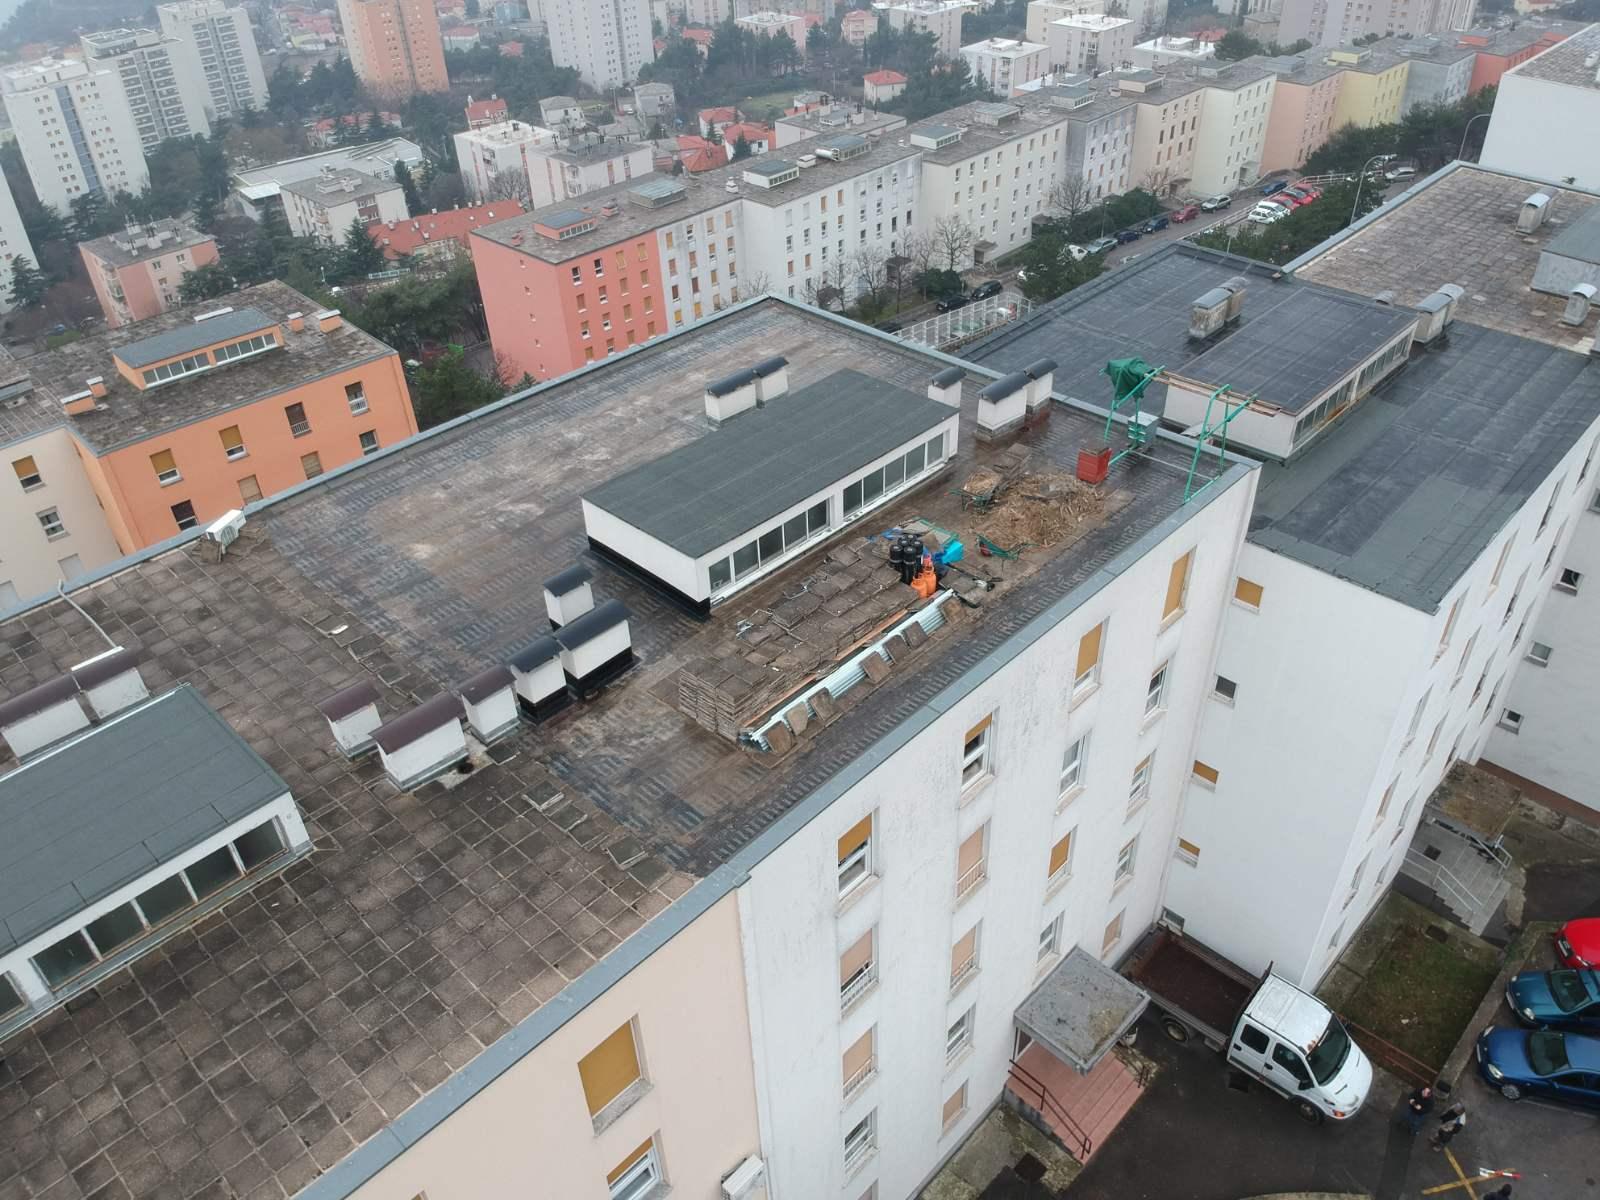 U tijeku je obnova krova na adresi Ratka Petrovića 35 u Rijeci (stambeni niz D-4, Gornja Vežica)